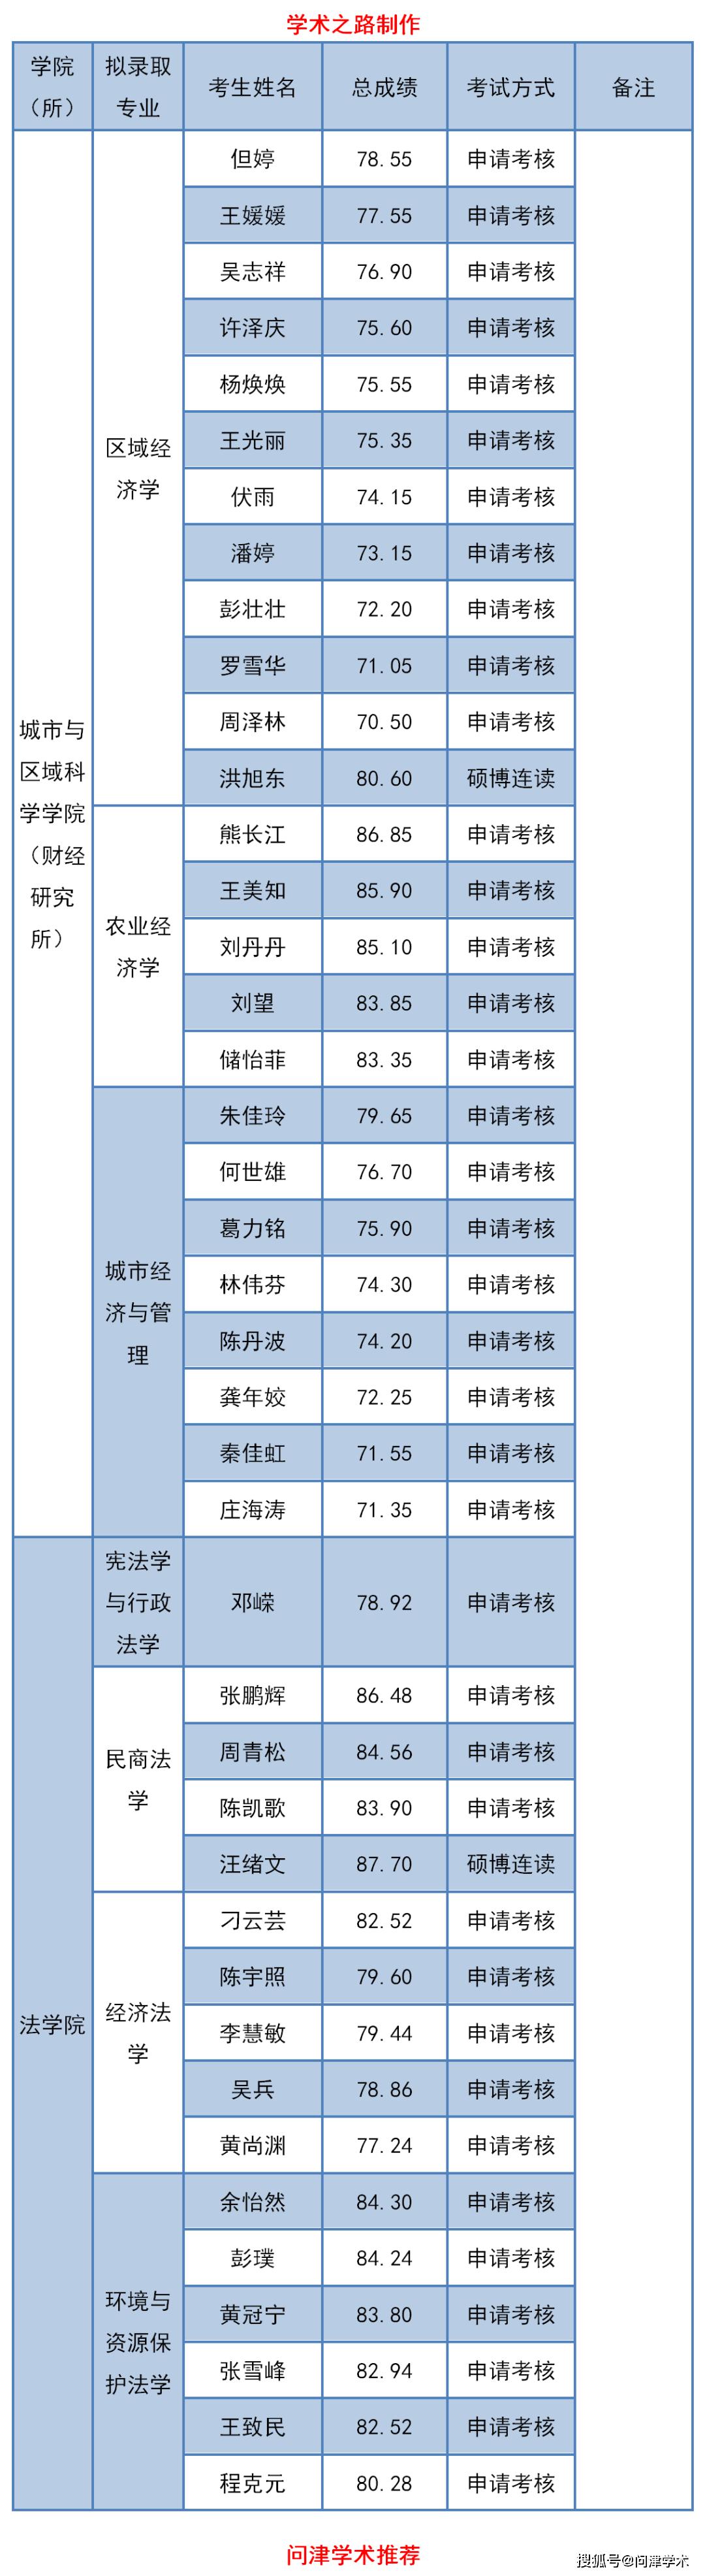 上海财经大学2020年博士研究生招生拟录取名单公示